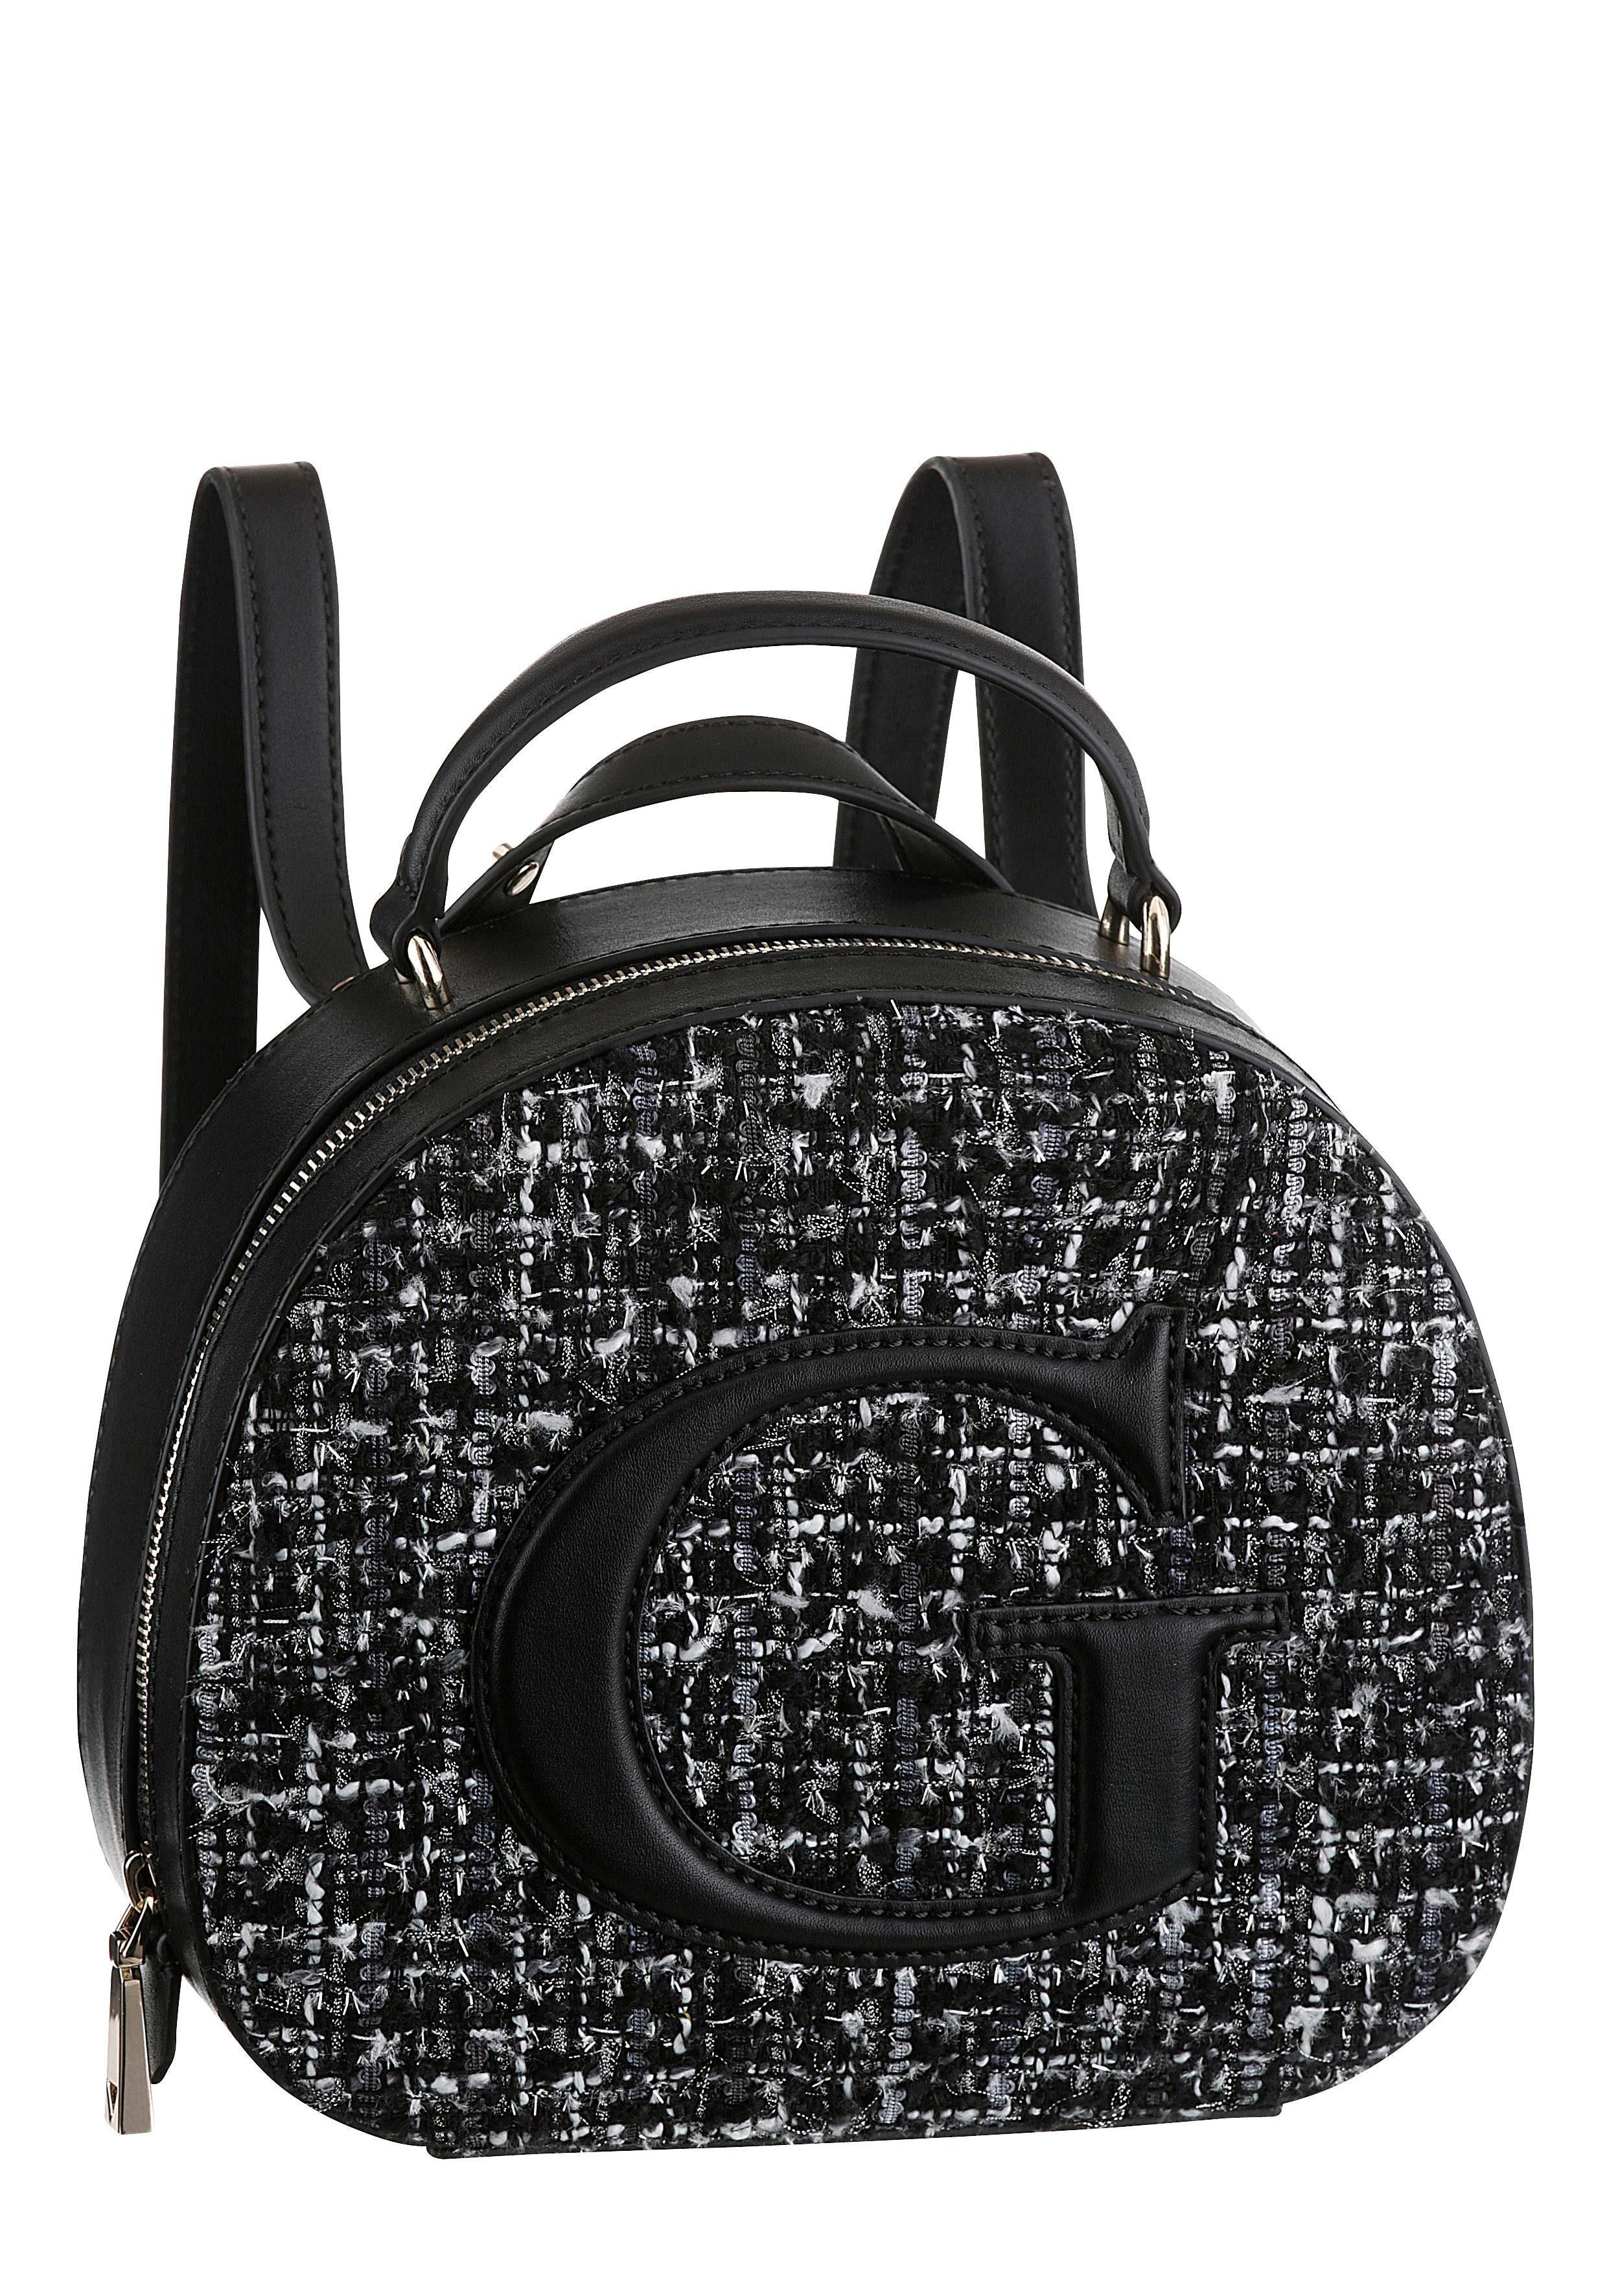 Guess Cityrucksack »Viola Cnvrtble Xbody Backpack«, mit auffälligem Logo online kaufen | OTTO